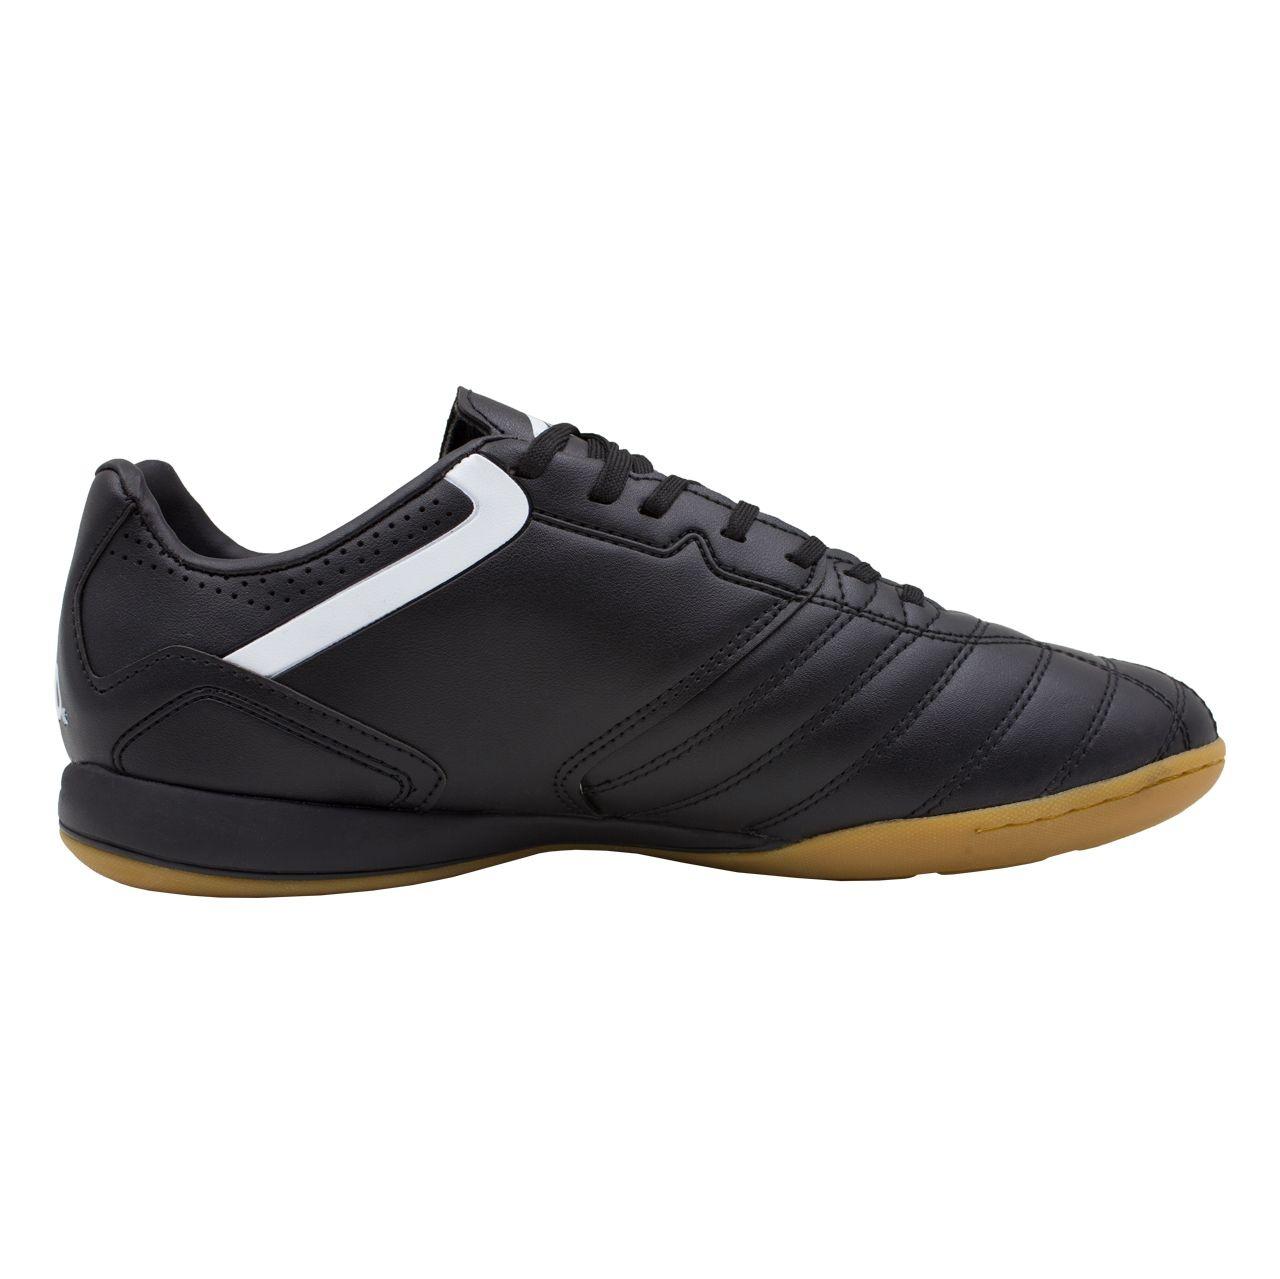 کفش فوتسال مردانه کیلو مدل 21702620A 2